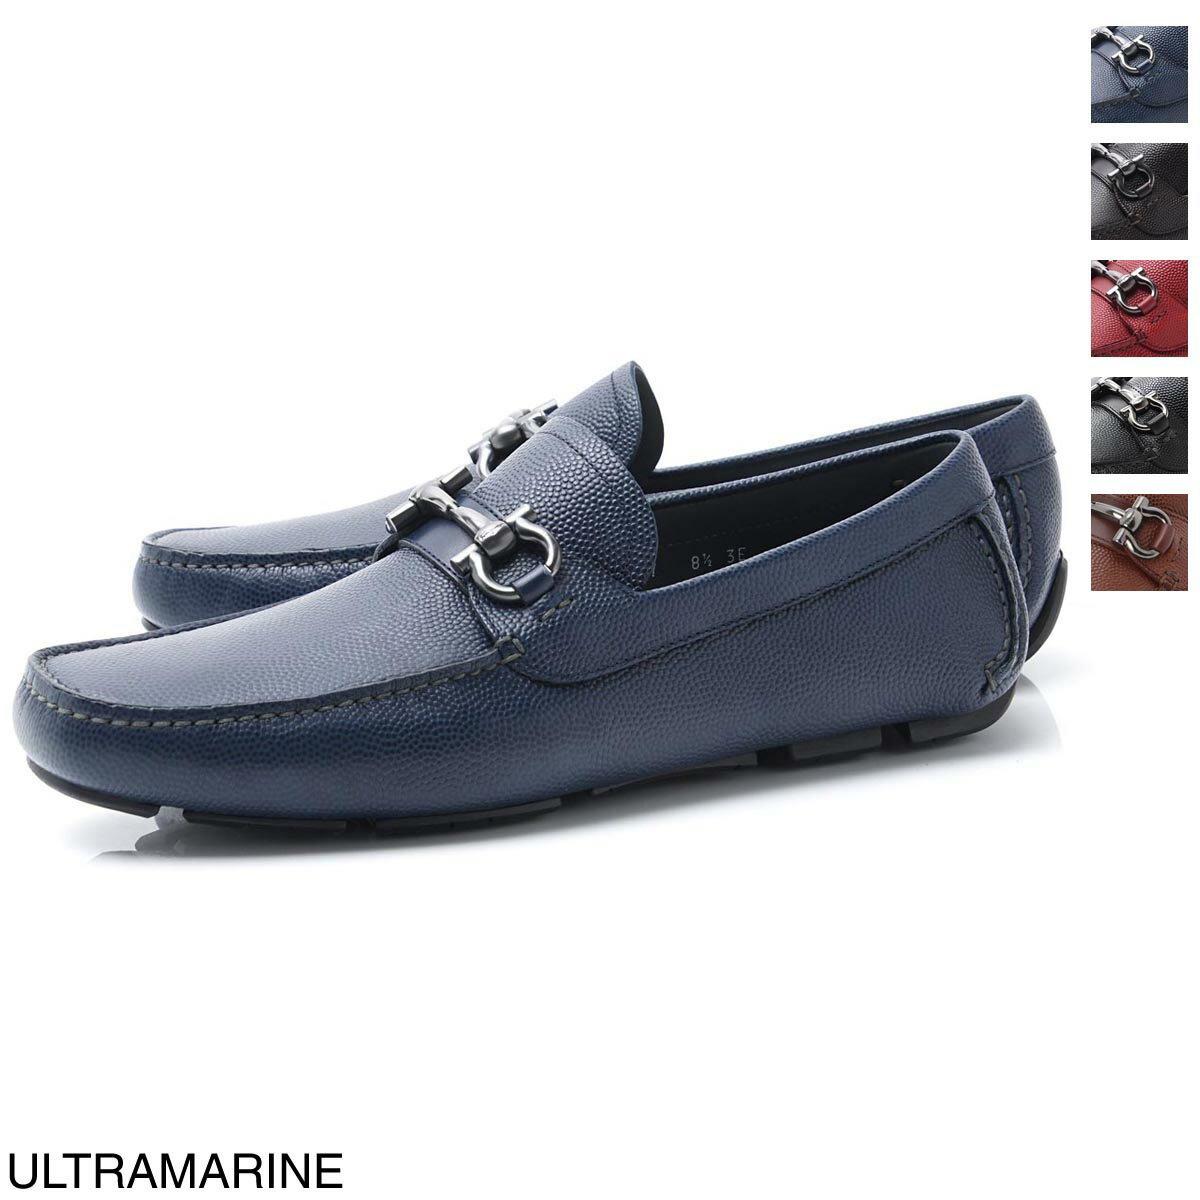 メンズ靴, ローファー  Salvatore Ferragamo parigi 024728 0671734 ultramarine PARIGI :EEE2021AW